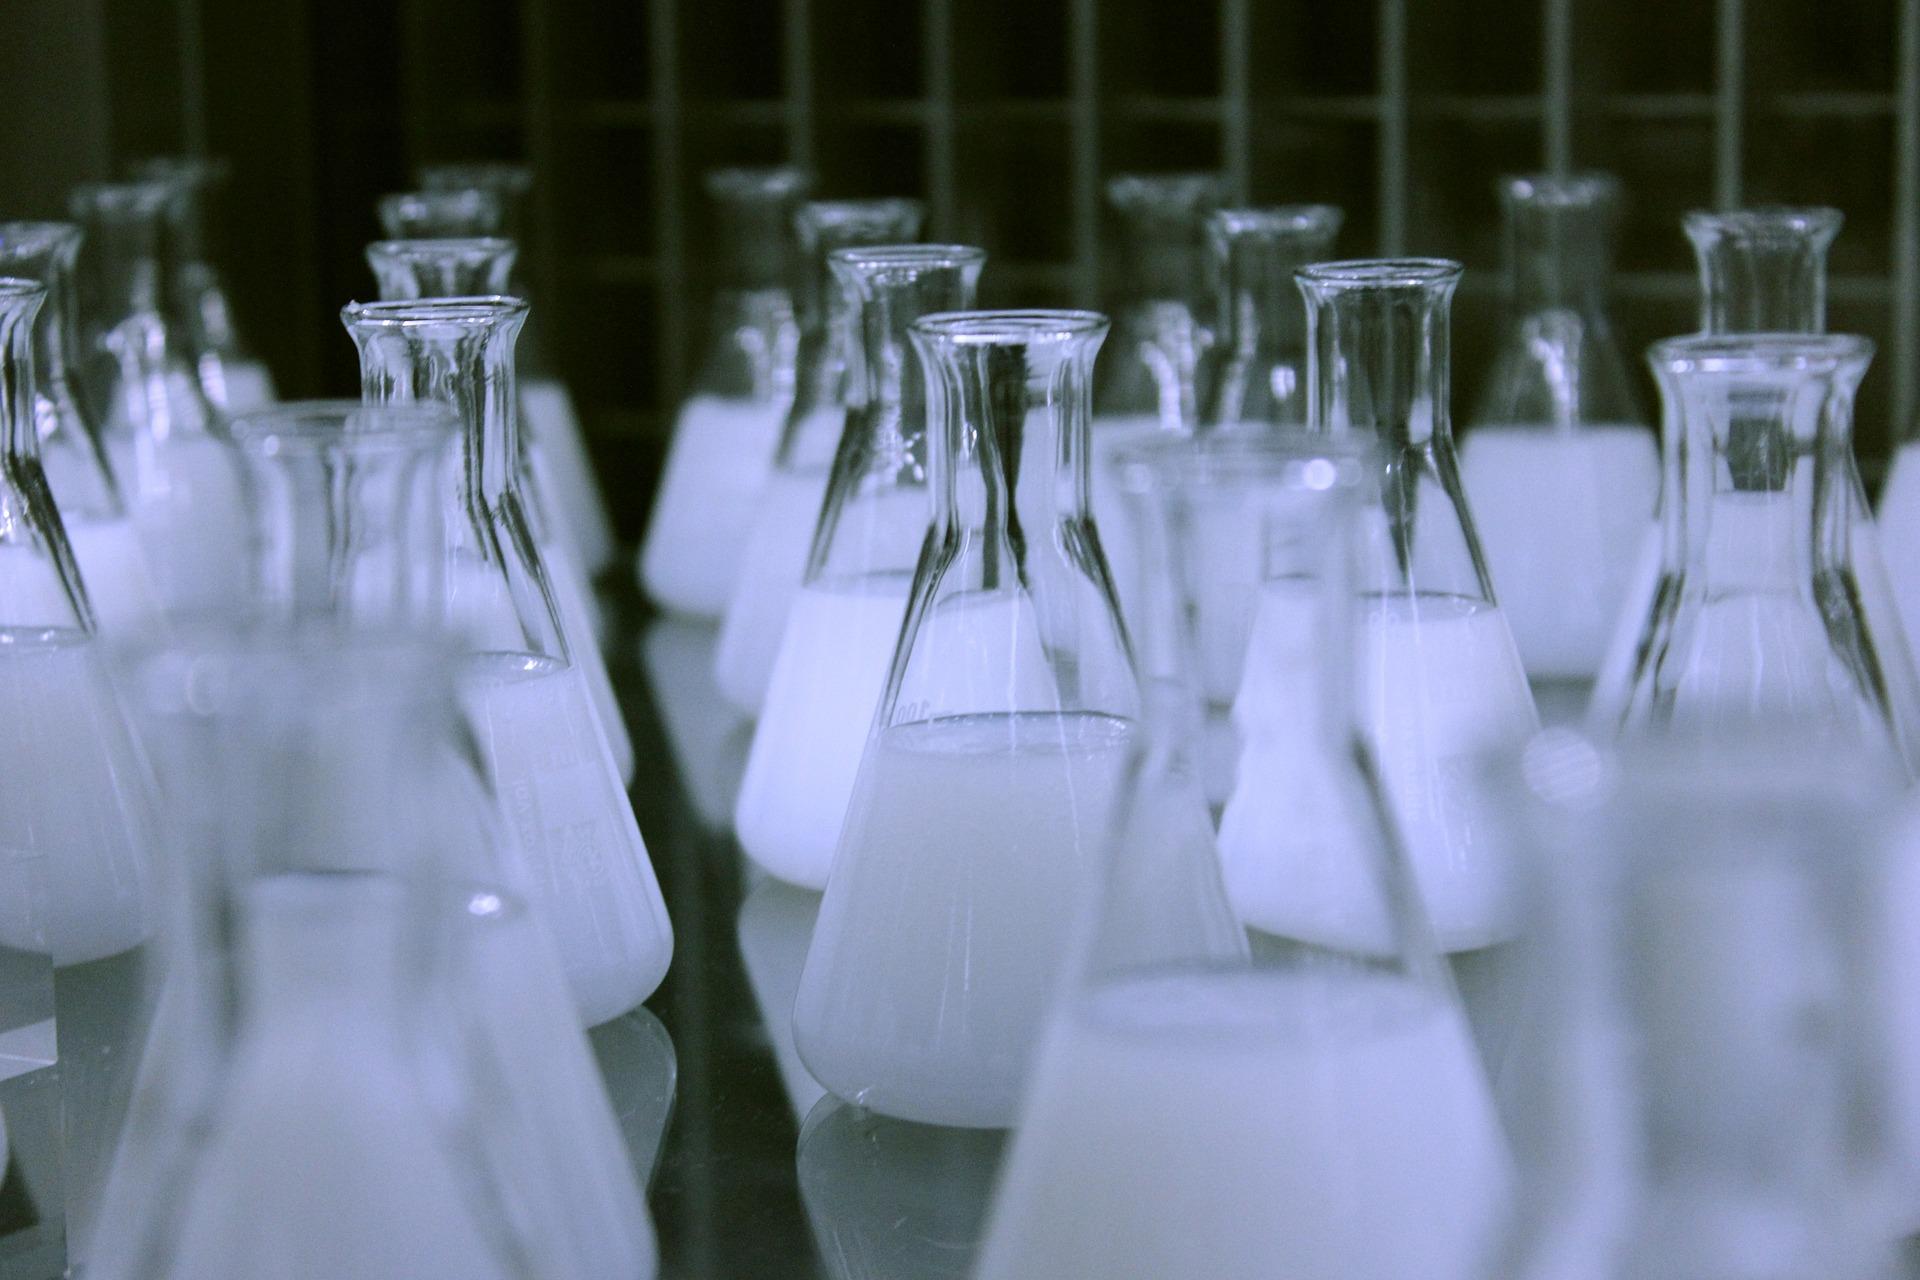 зелёная химия - колбы с жидкостью